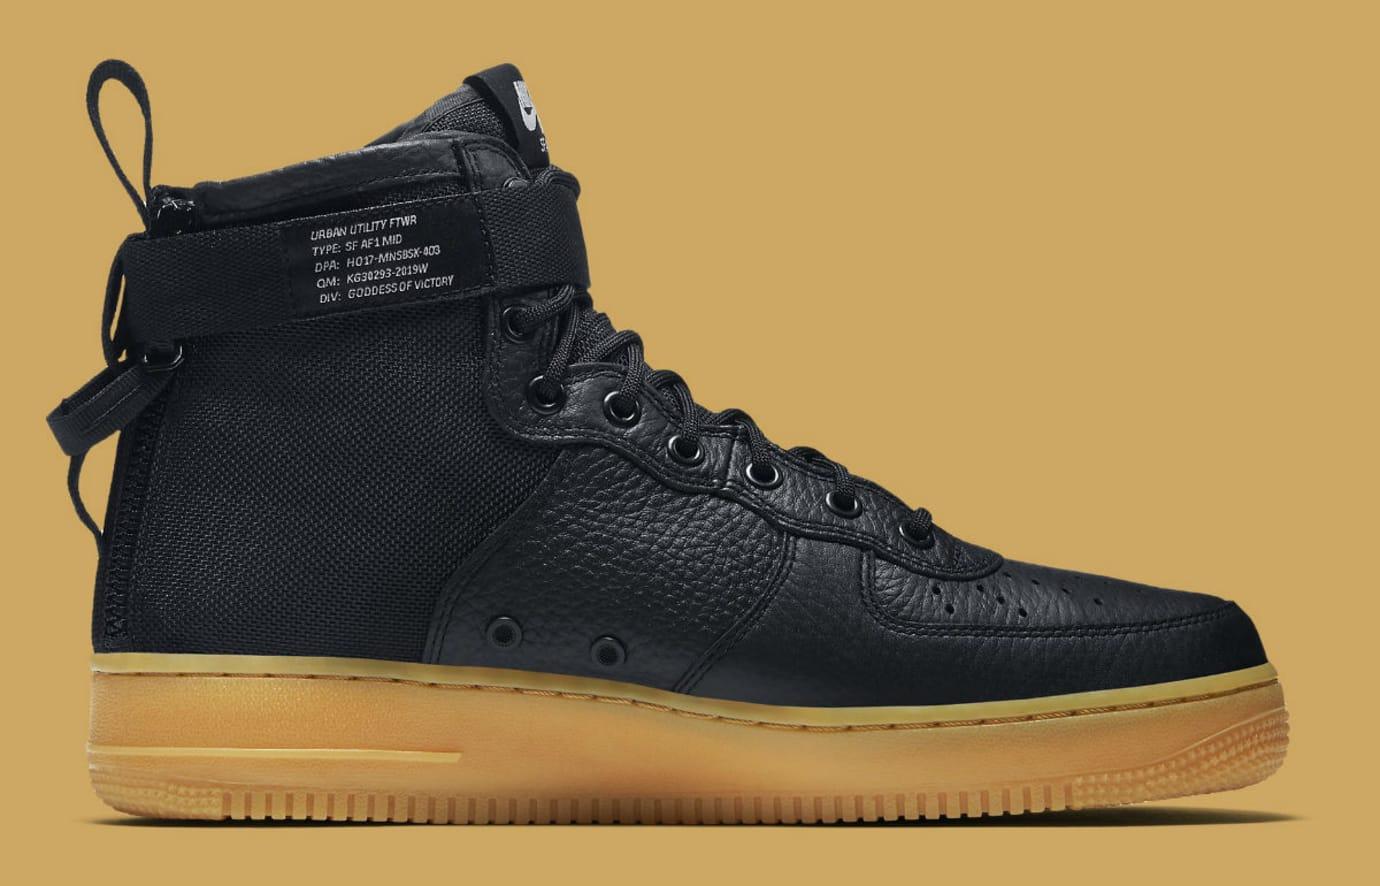 Nike SF Air Force 1 Mid Black/Gum Release Date Medial 917753-003